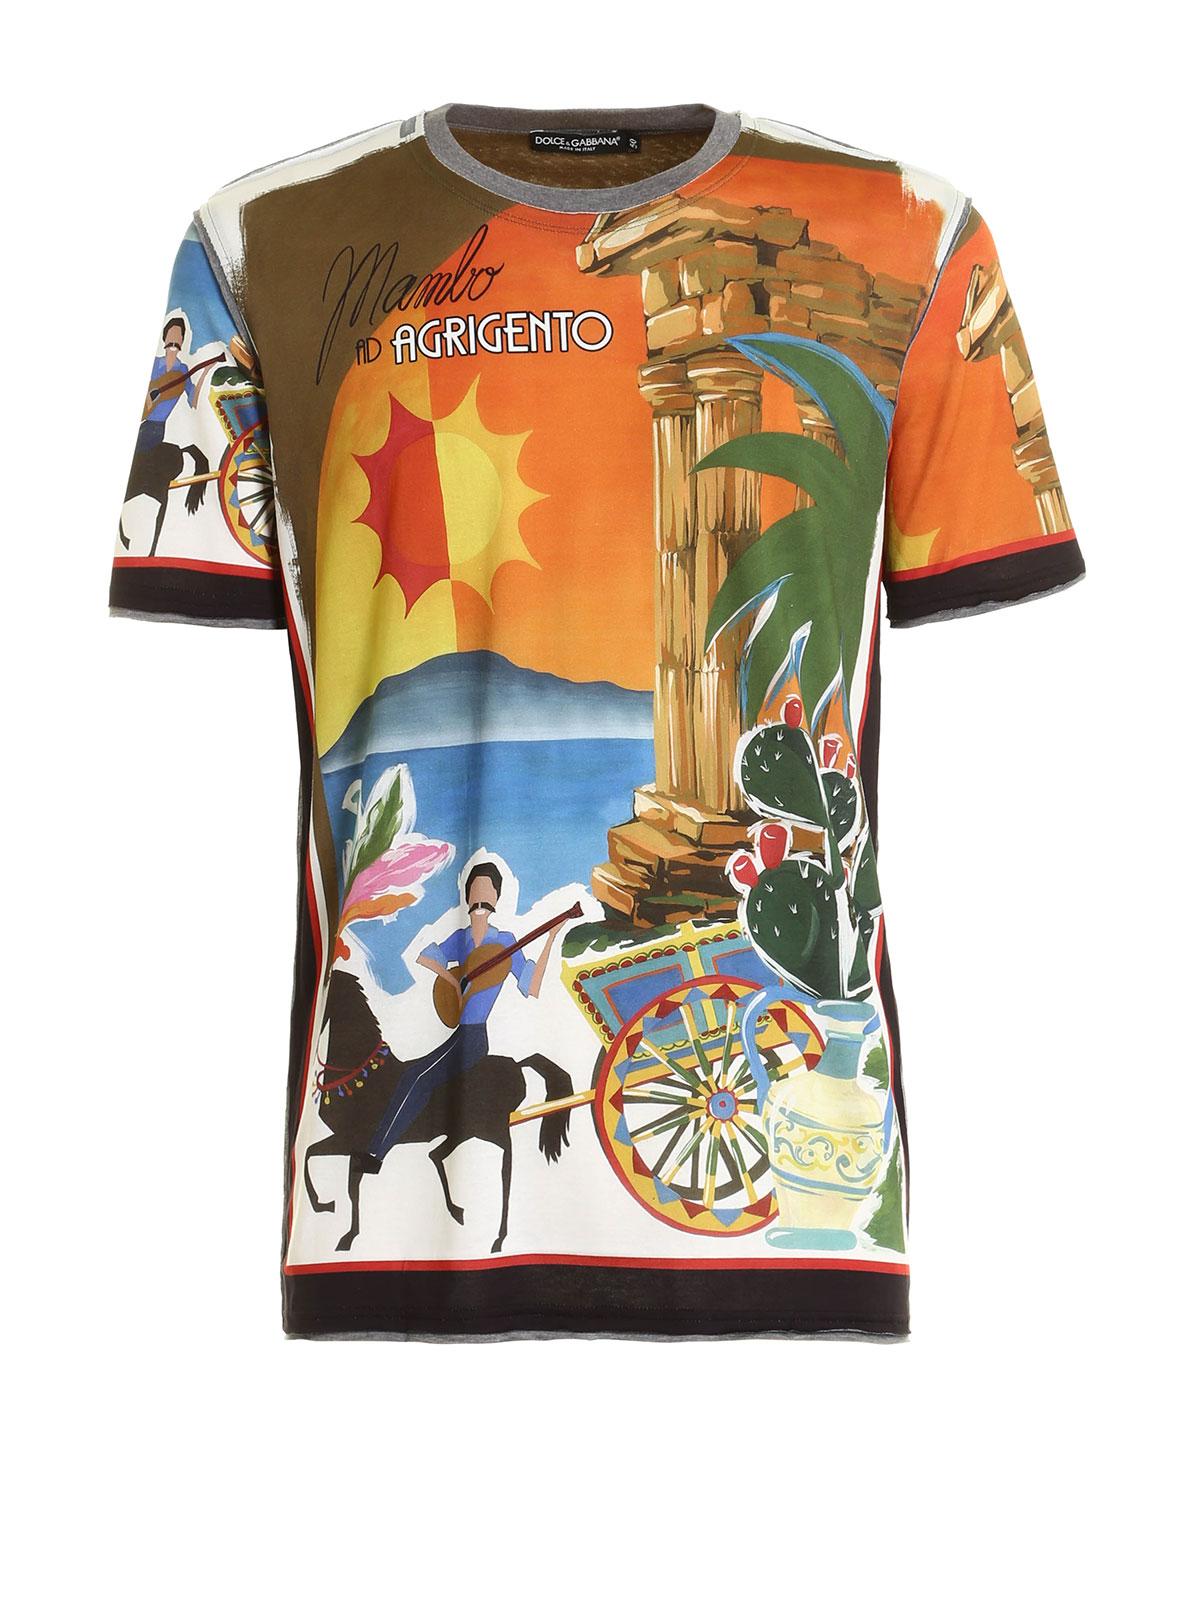 livraison gratuite 21bbd 7ac6d Dolce & Gabbana - T-Shirt Agrigento Pour Homme - T-shirts ...